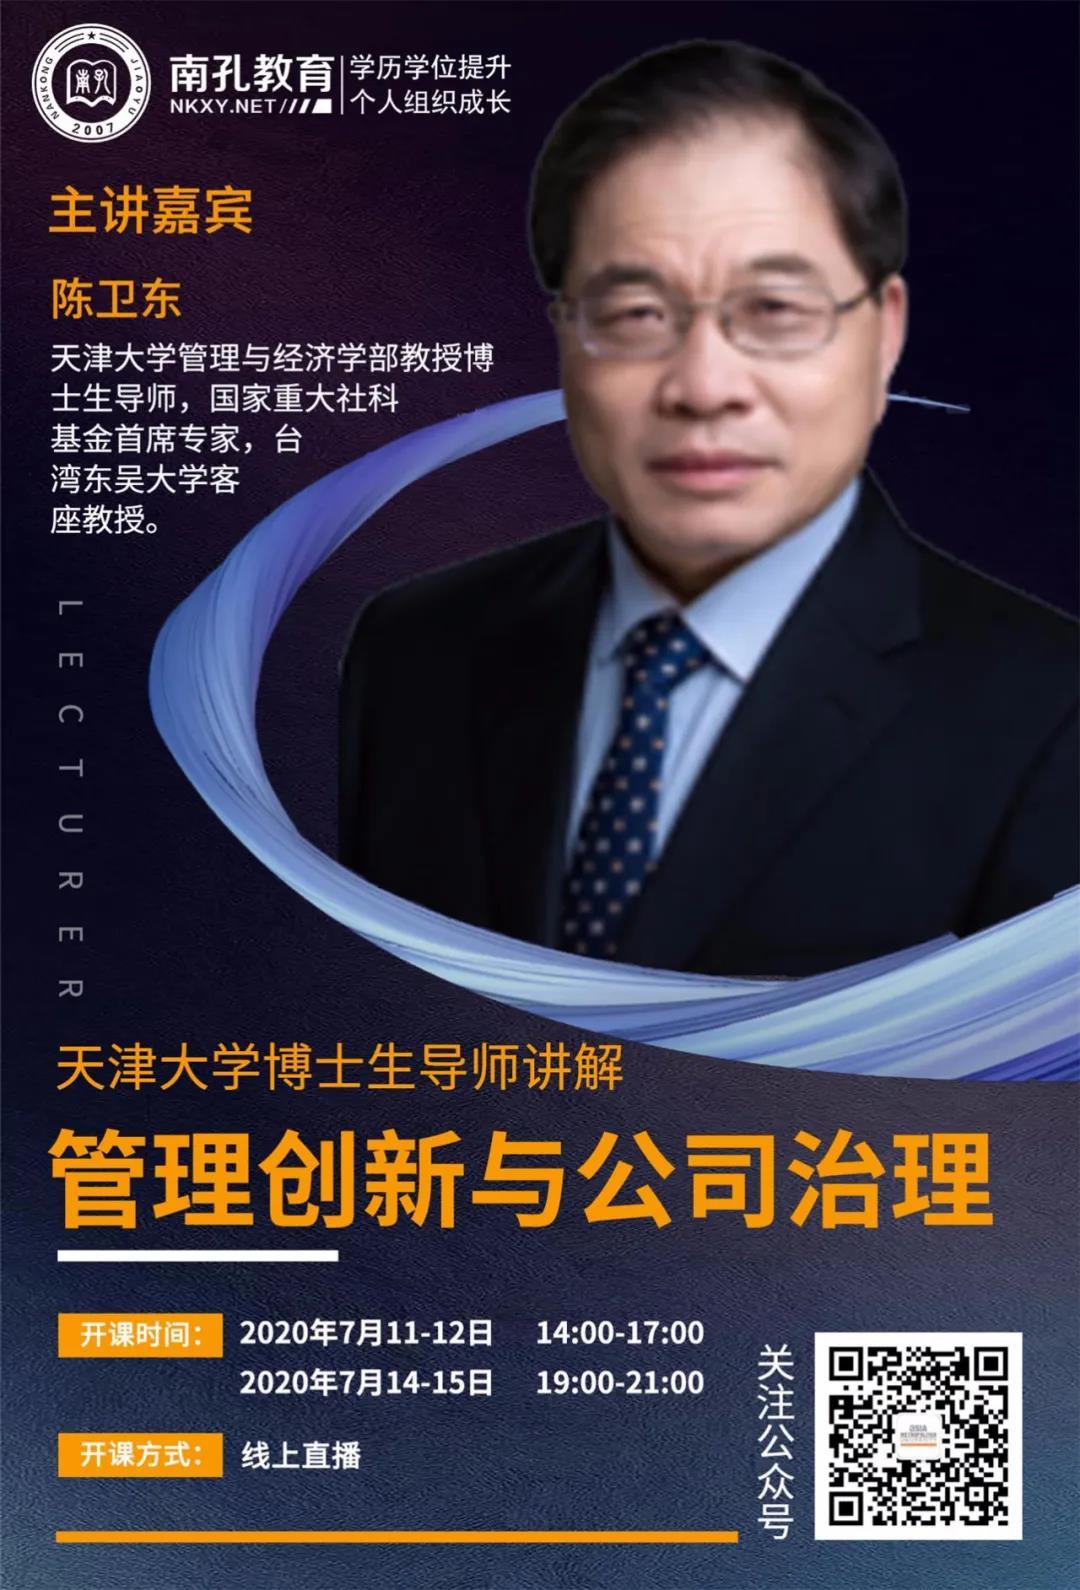 南孔教育|亚洲城市大学MBA/DBA《管理创新与公司治理》课程圆满完成